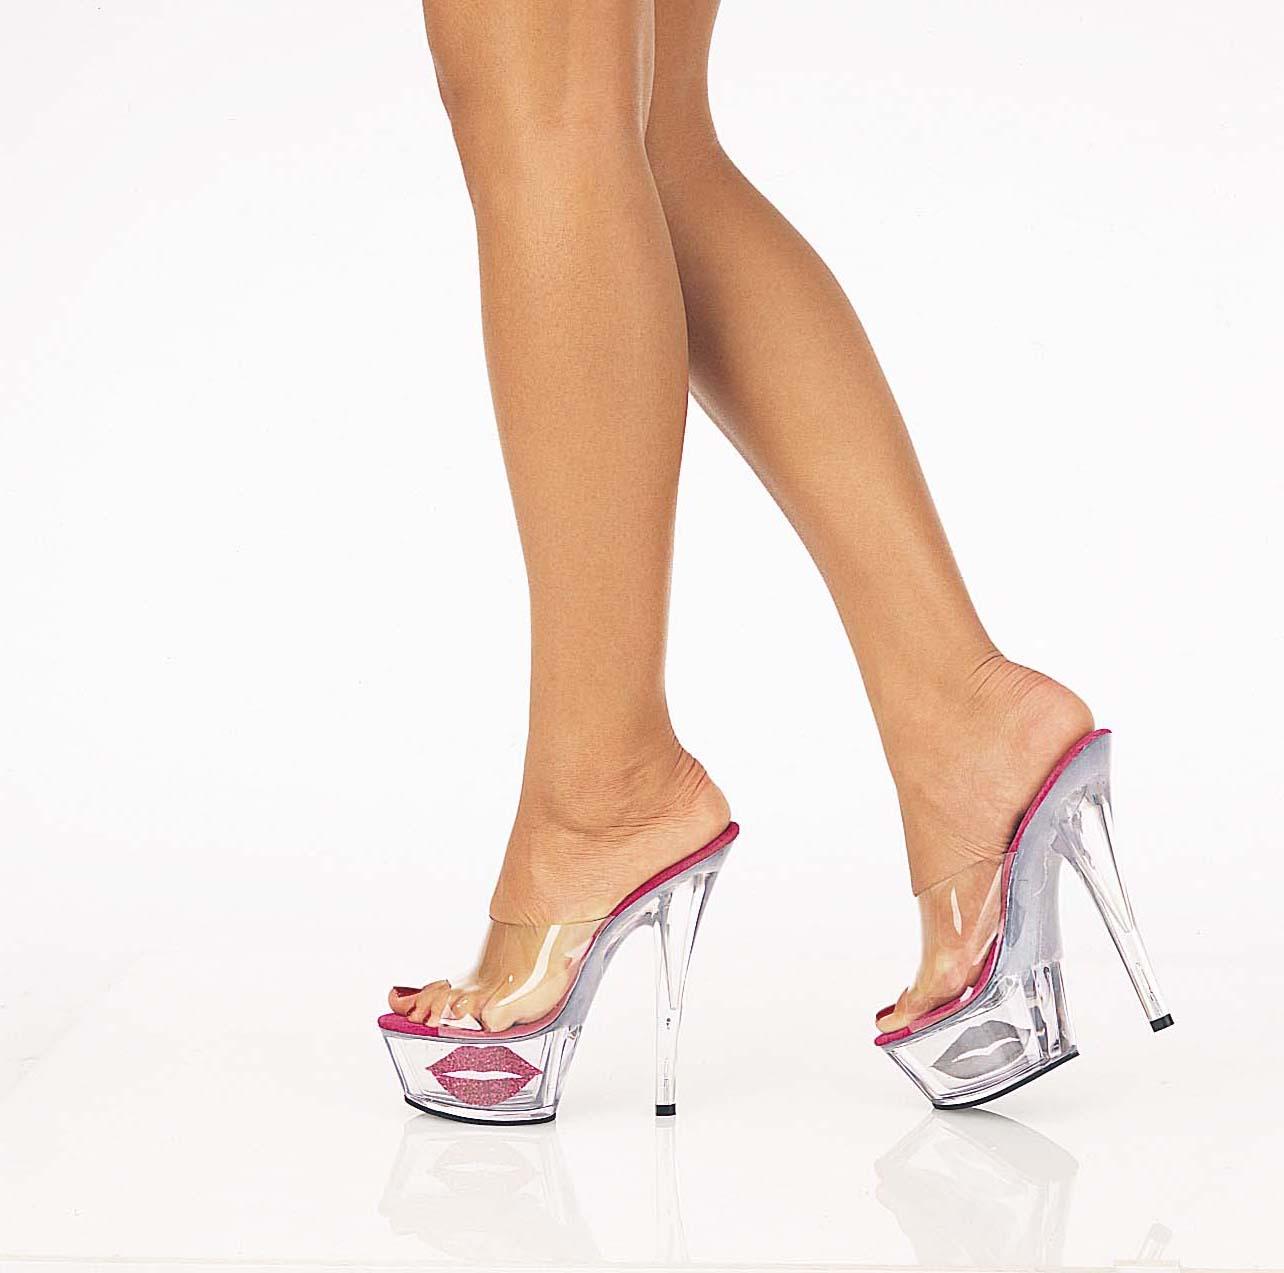 heels students